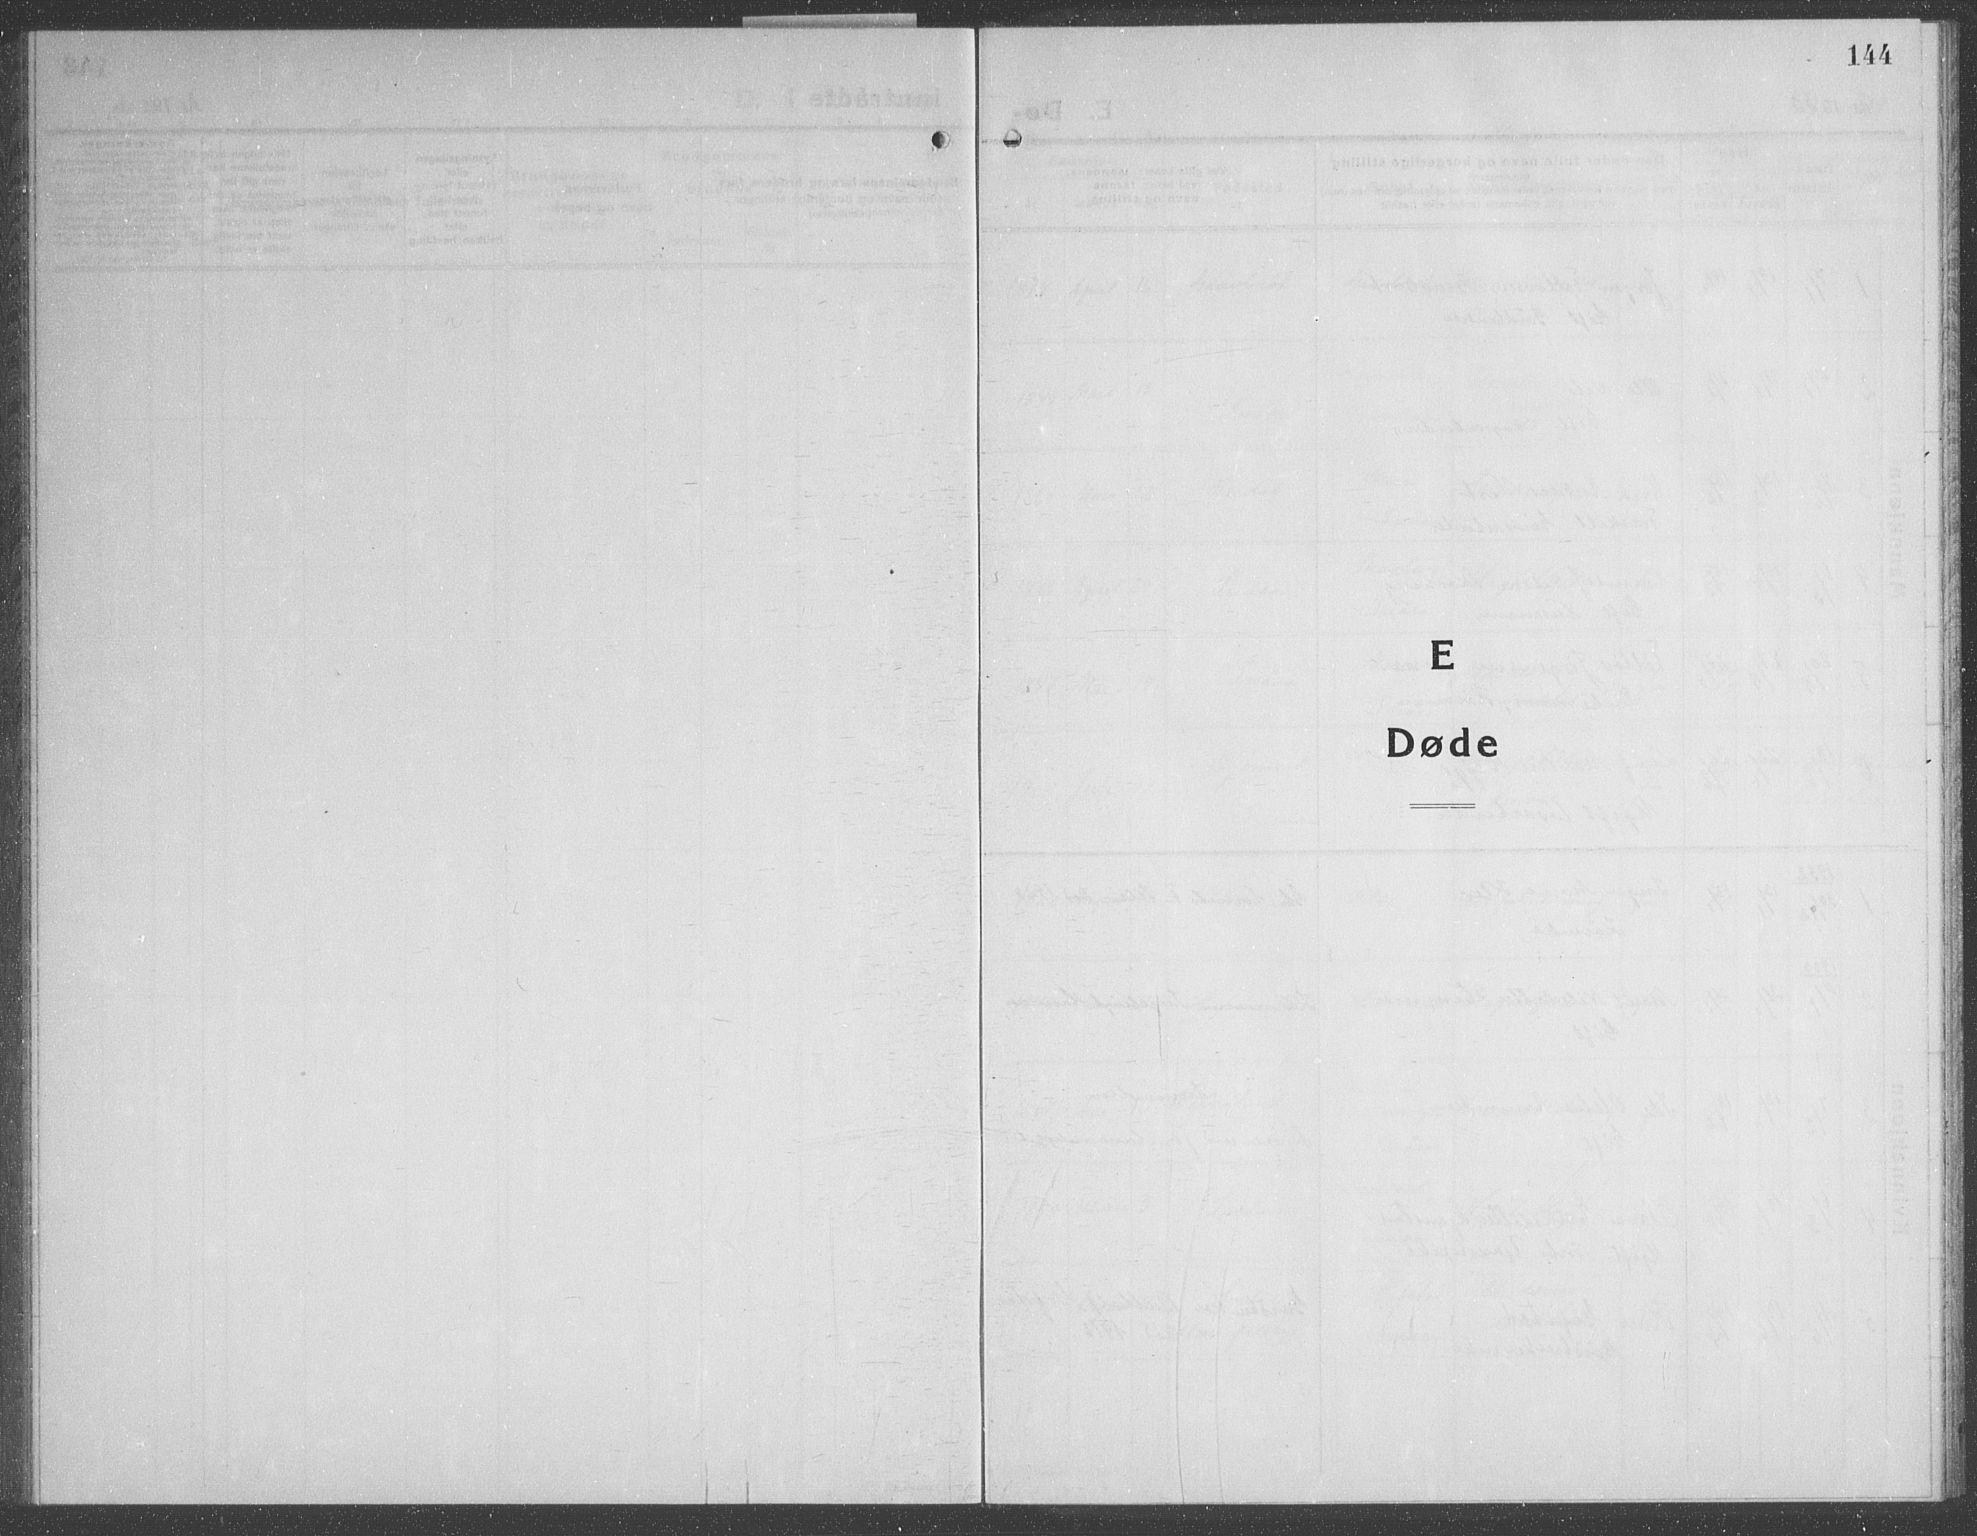 SAT, Ministerialprotokoller, klokkerbøker og fødselsregistre - Nord-Trøndelag, 749/L0481: Klokkerbok nr. 749C03, 1933-1945, s. 144